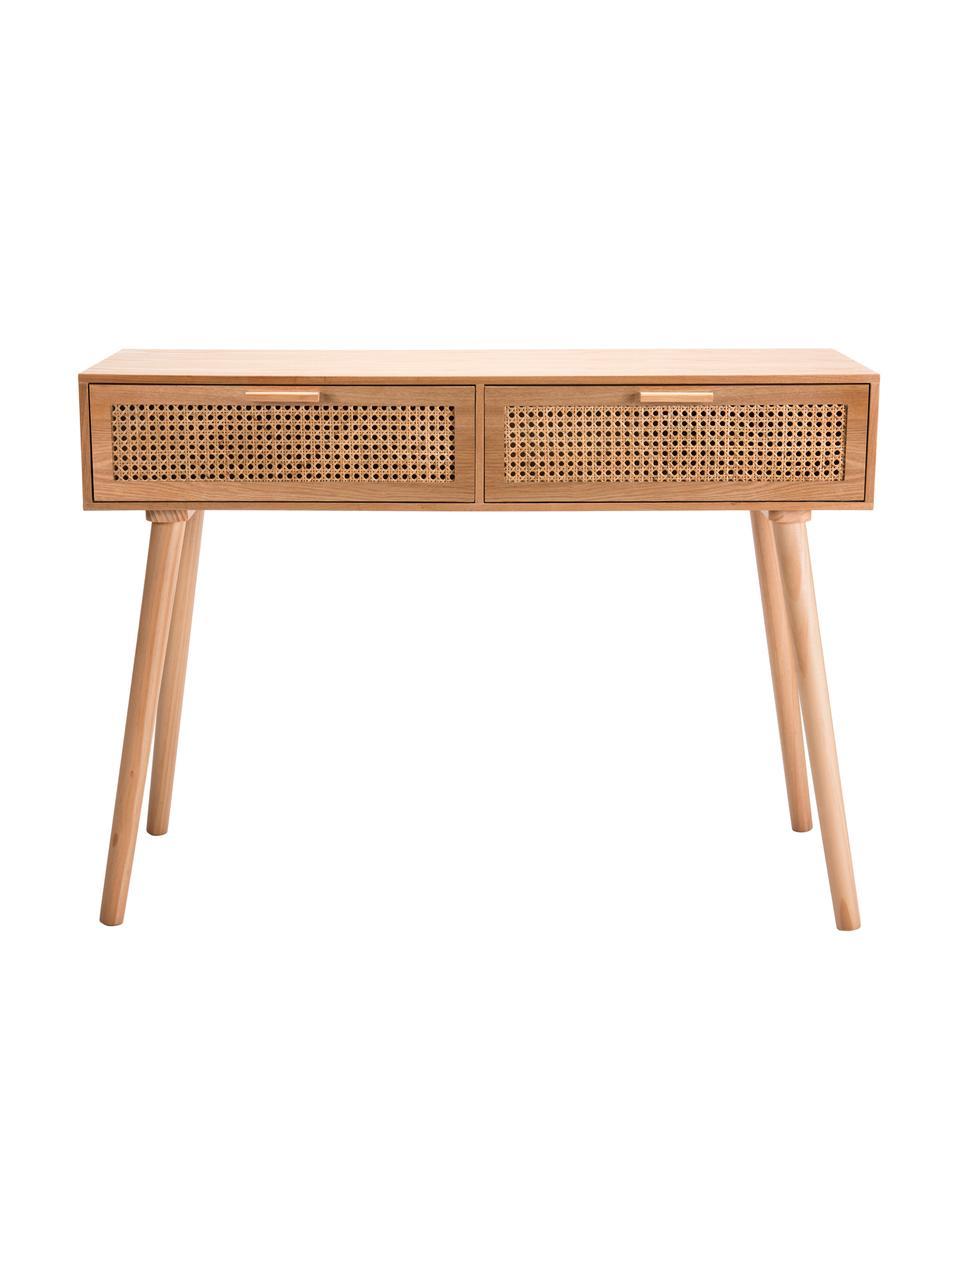 Consolle in legno con cassetti in vimini Romeo, Marrone chiaro, Larg. 110 x Alt. 82 cm